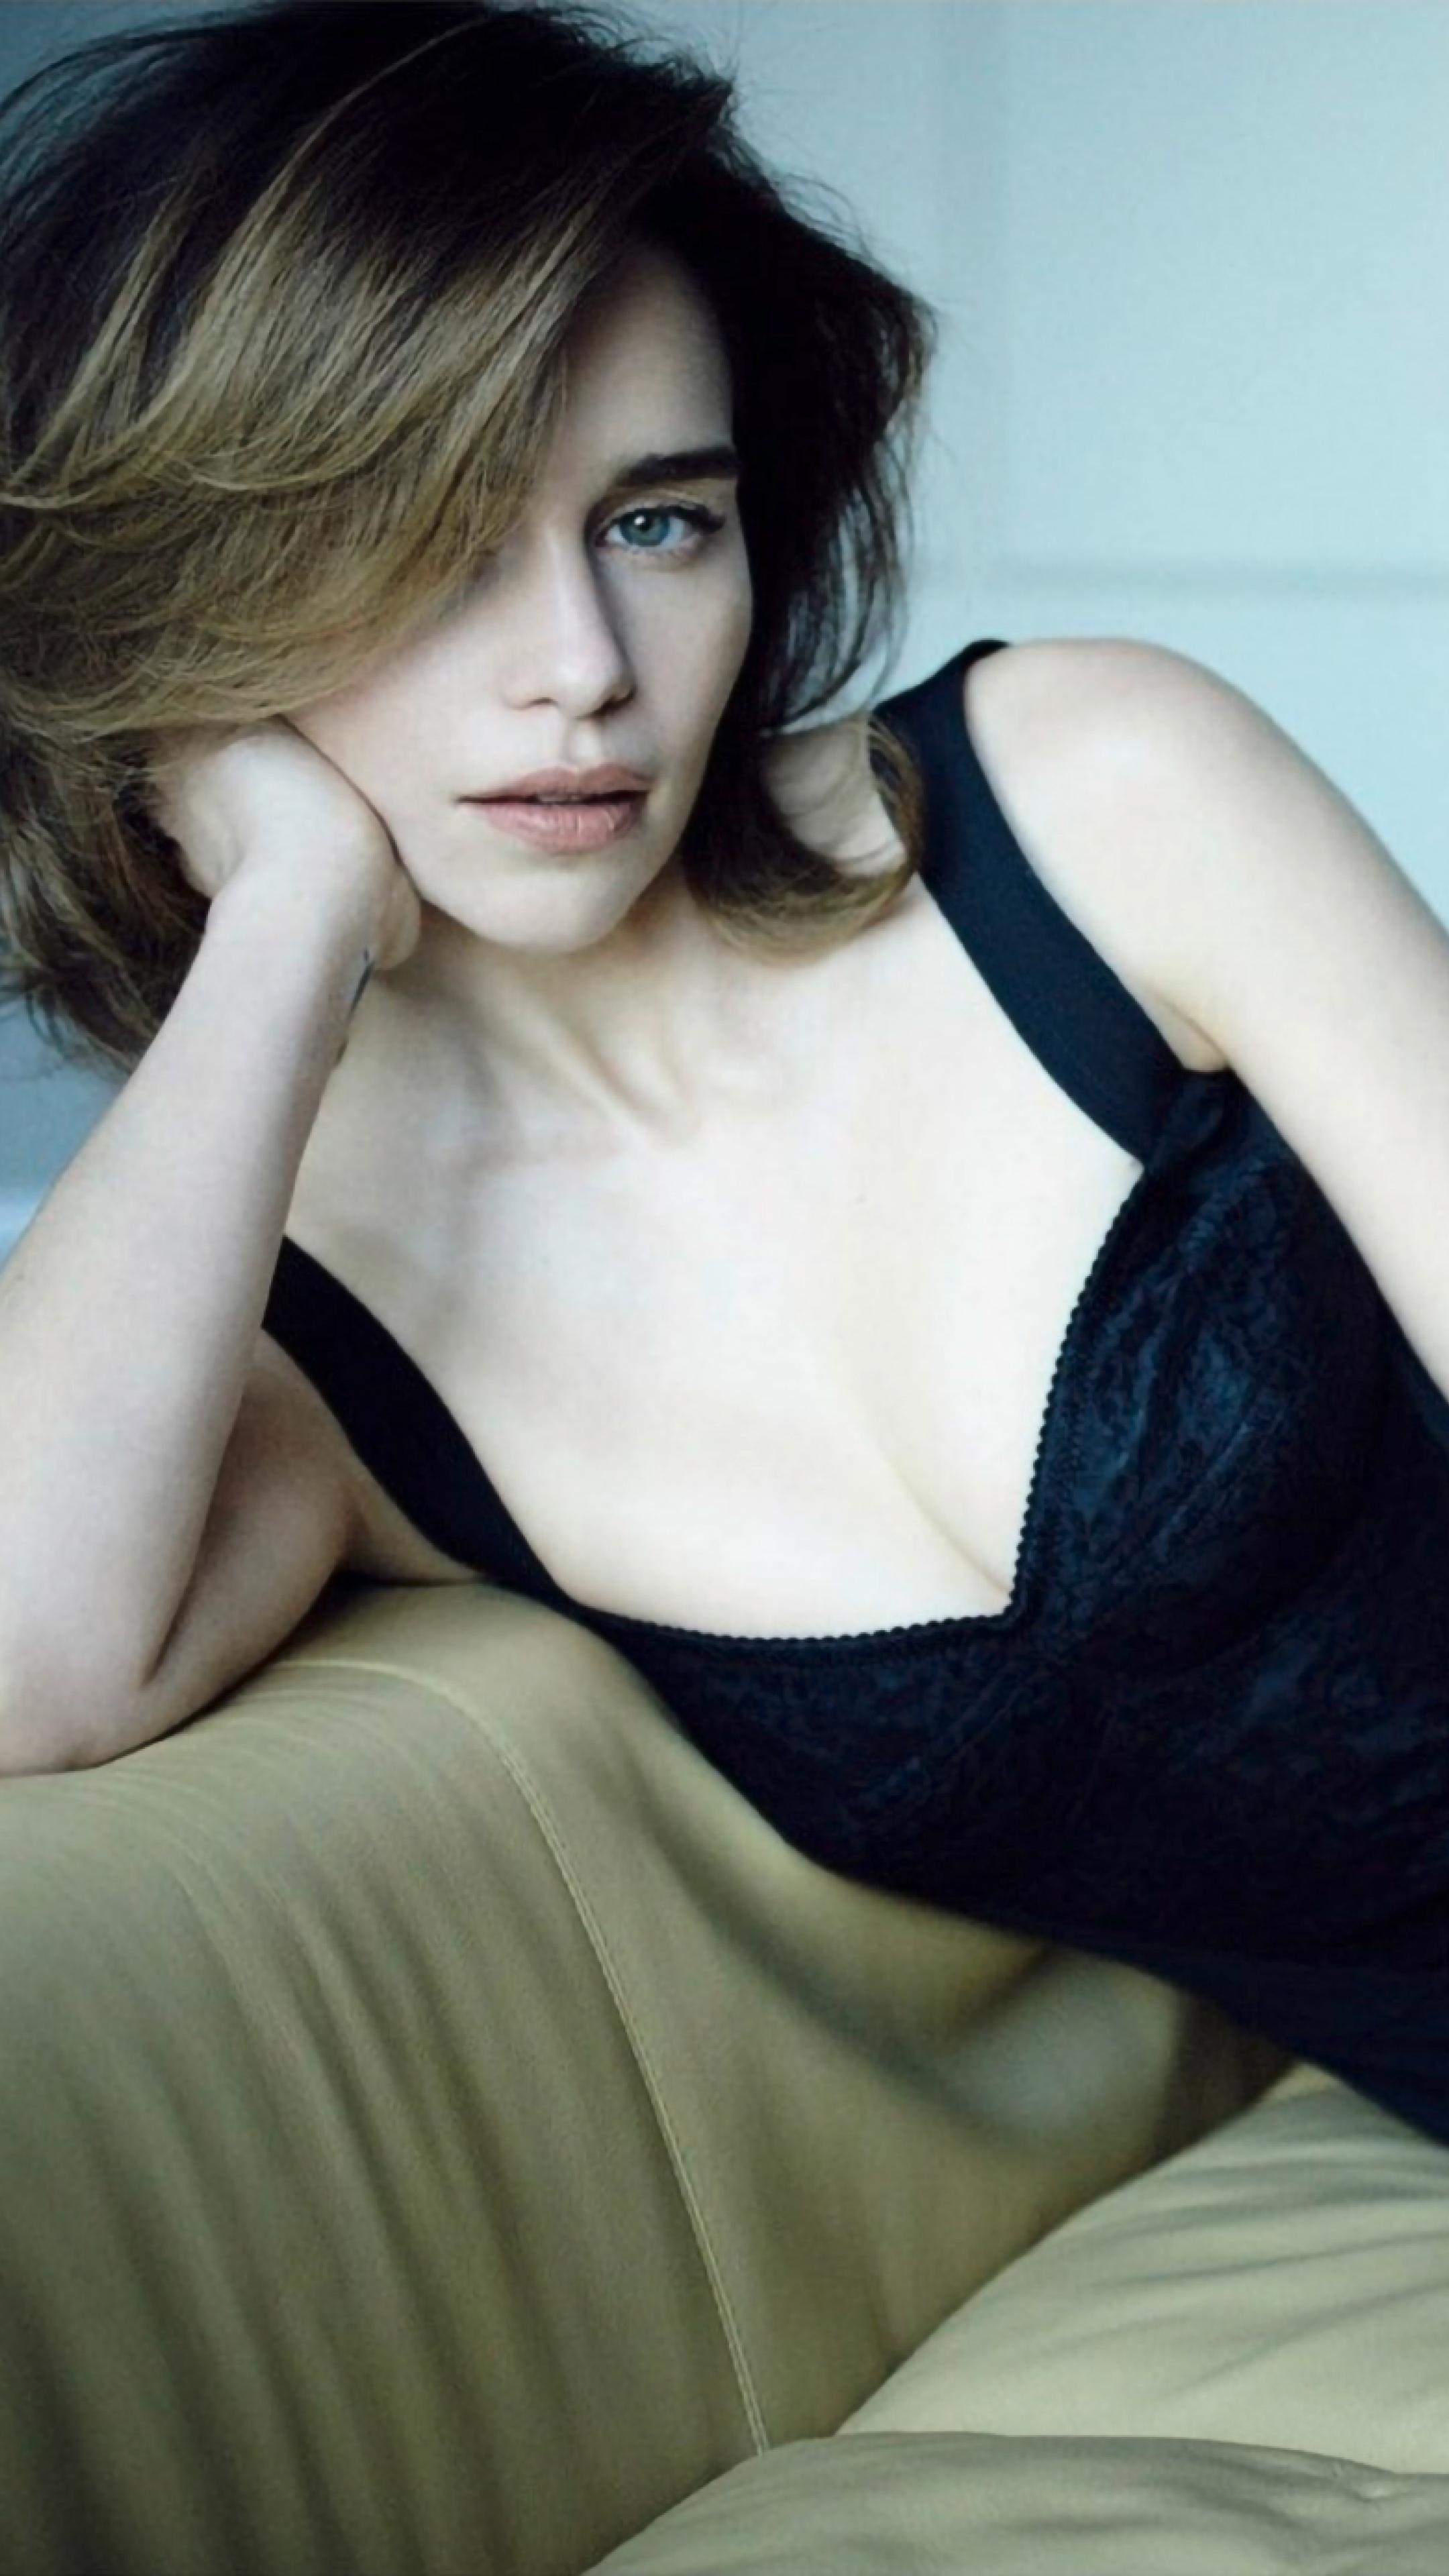 2160x3840 Emilia Clarke Vs Sony Xperia X,XZ,Z5 Premium HD